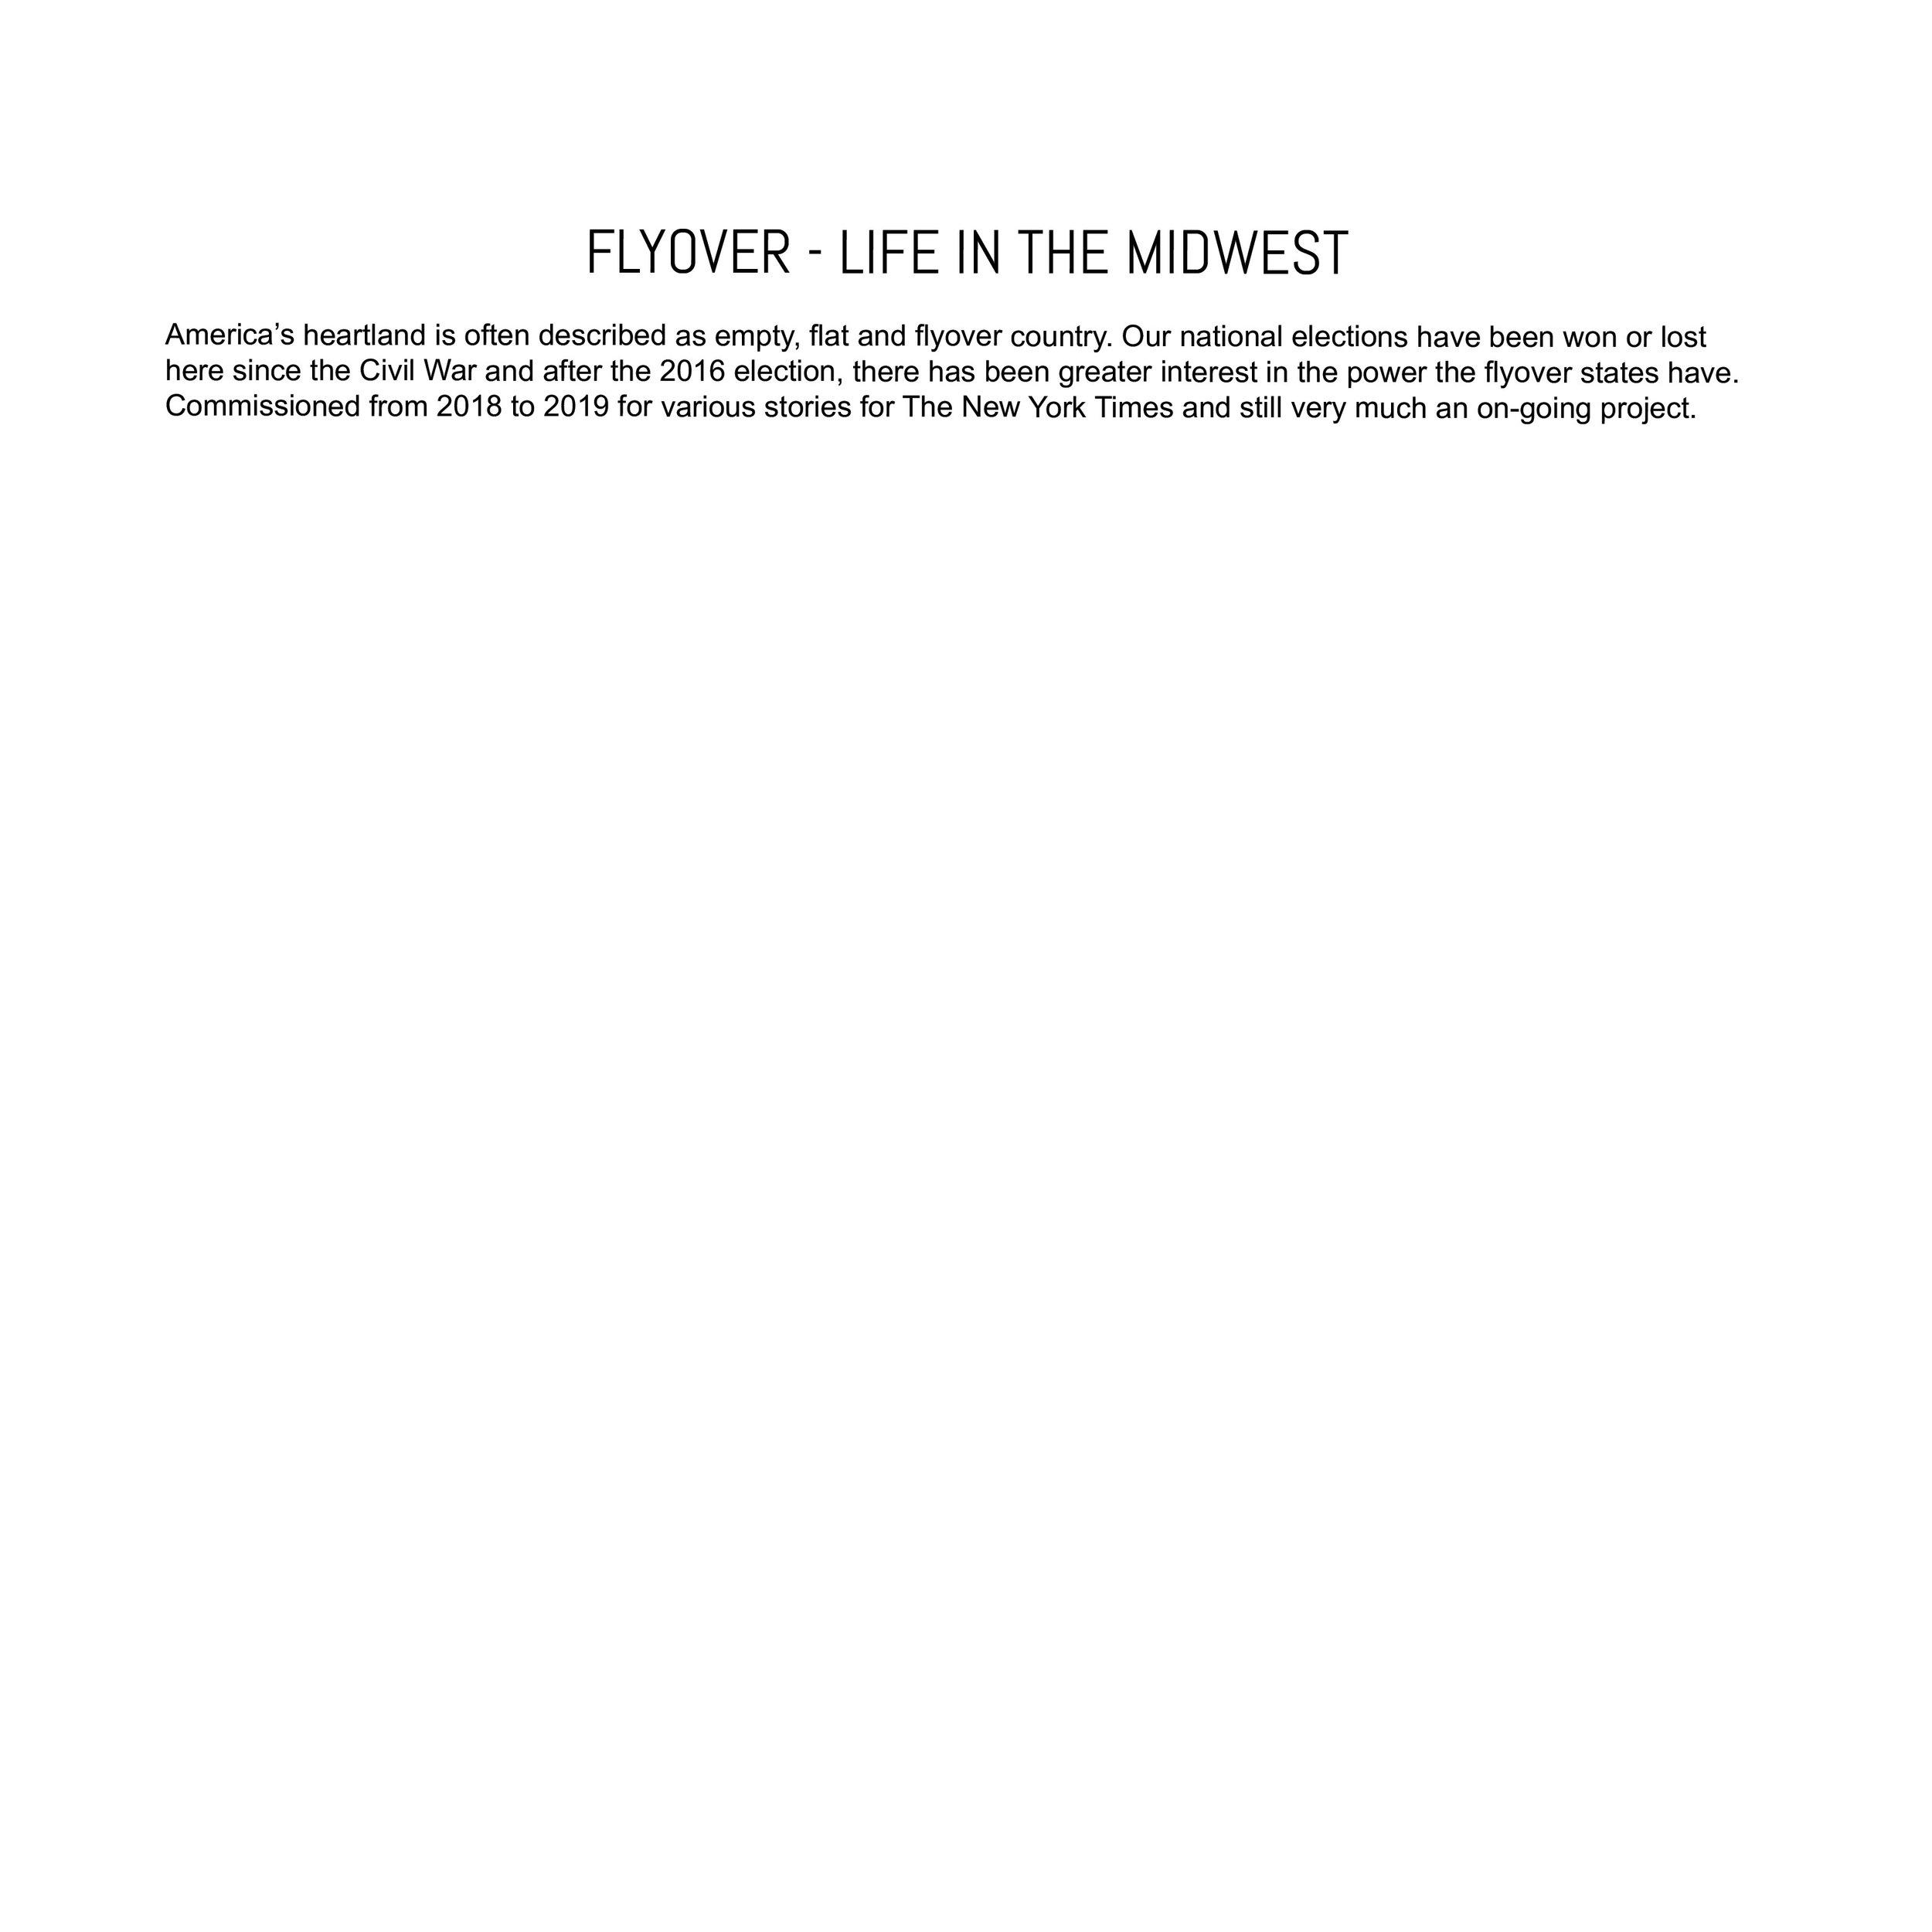 Flyover_Text.jpg